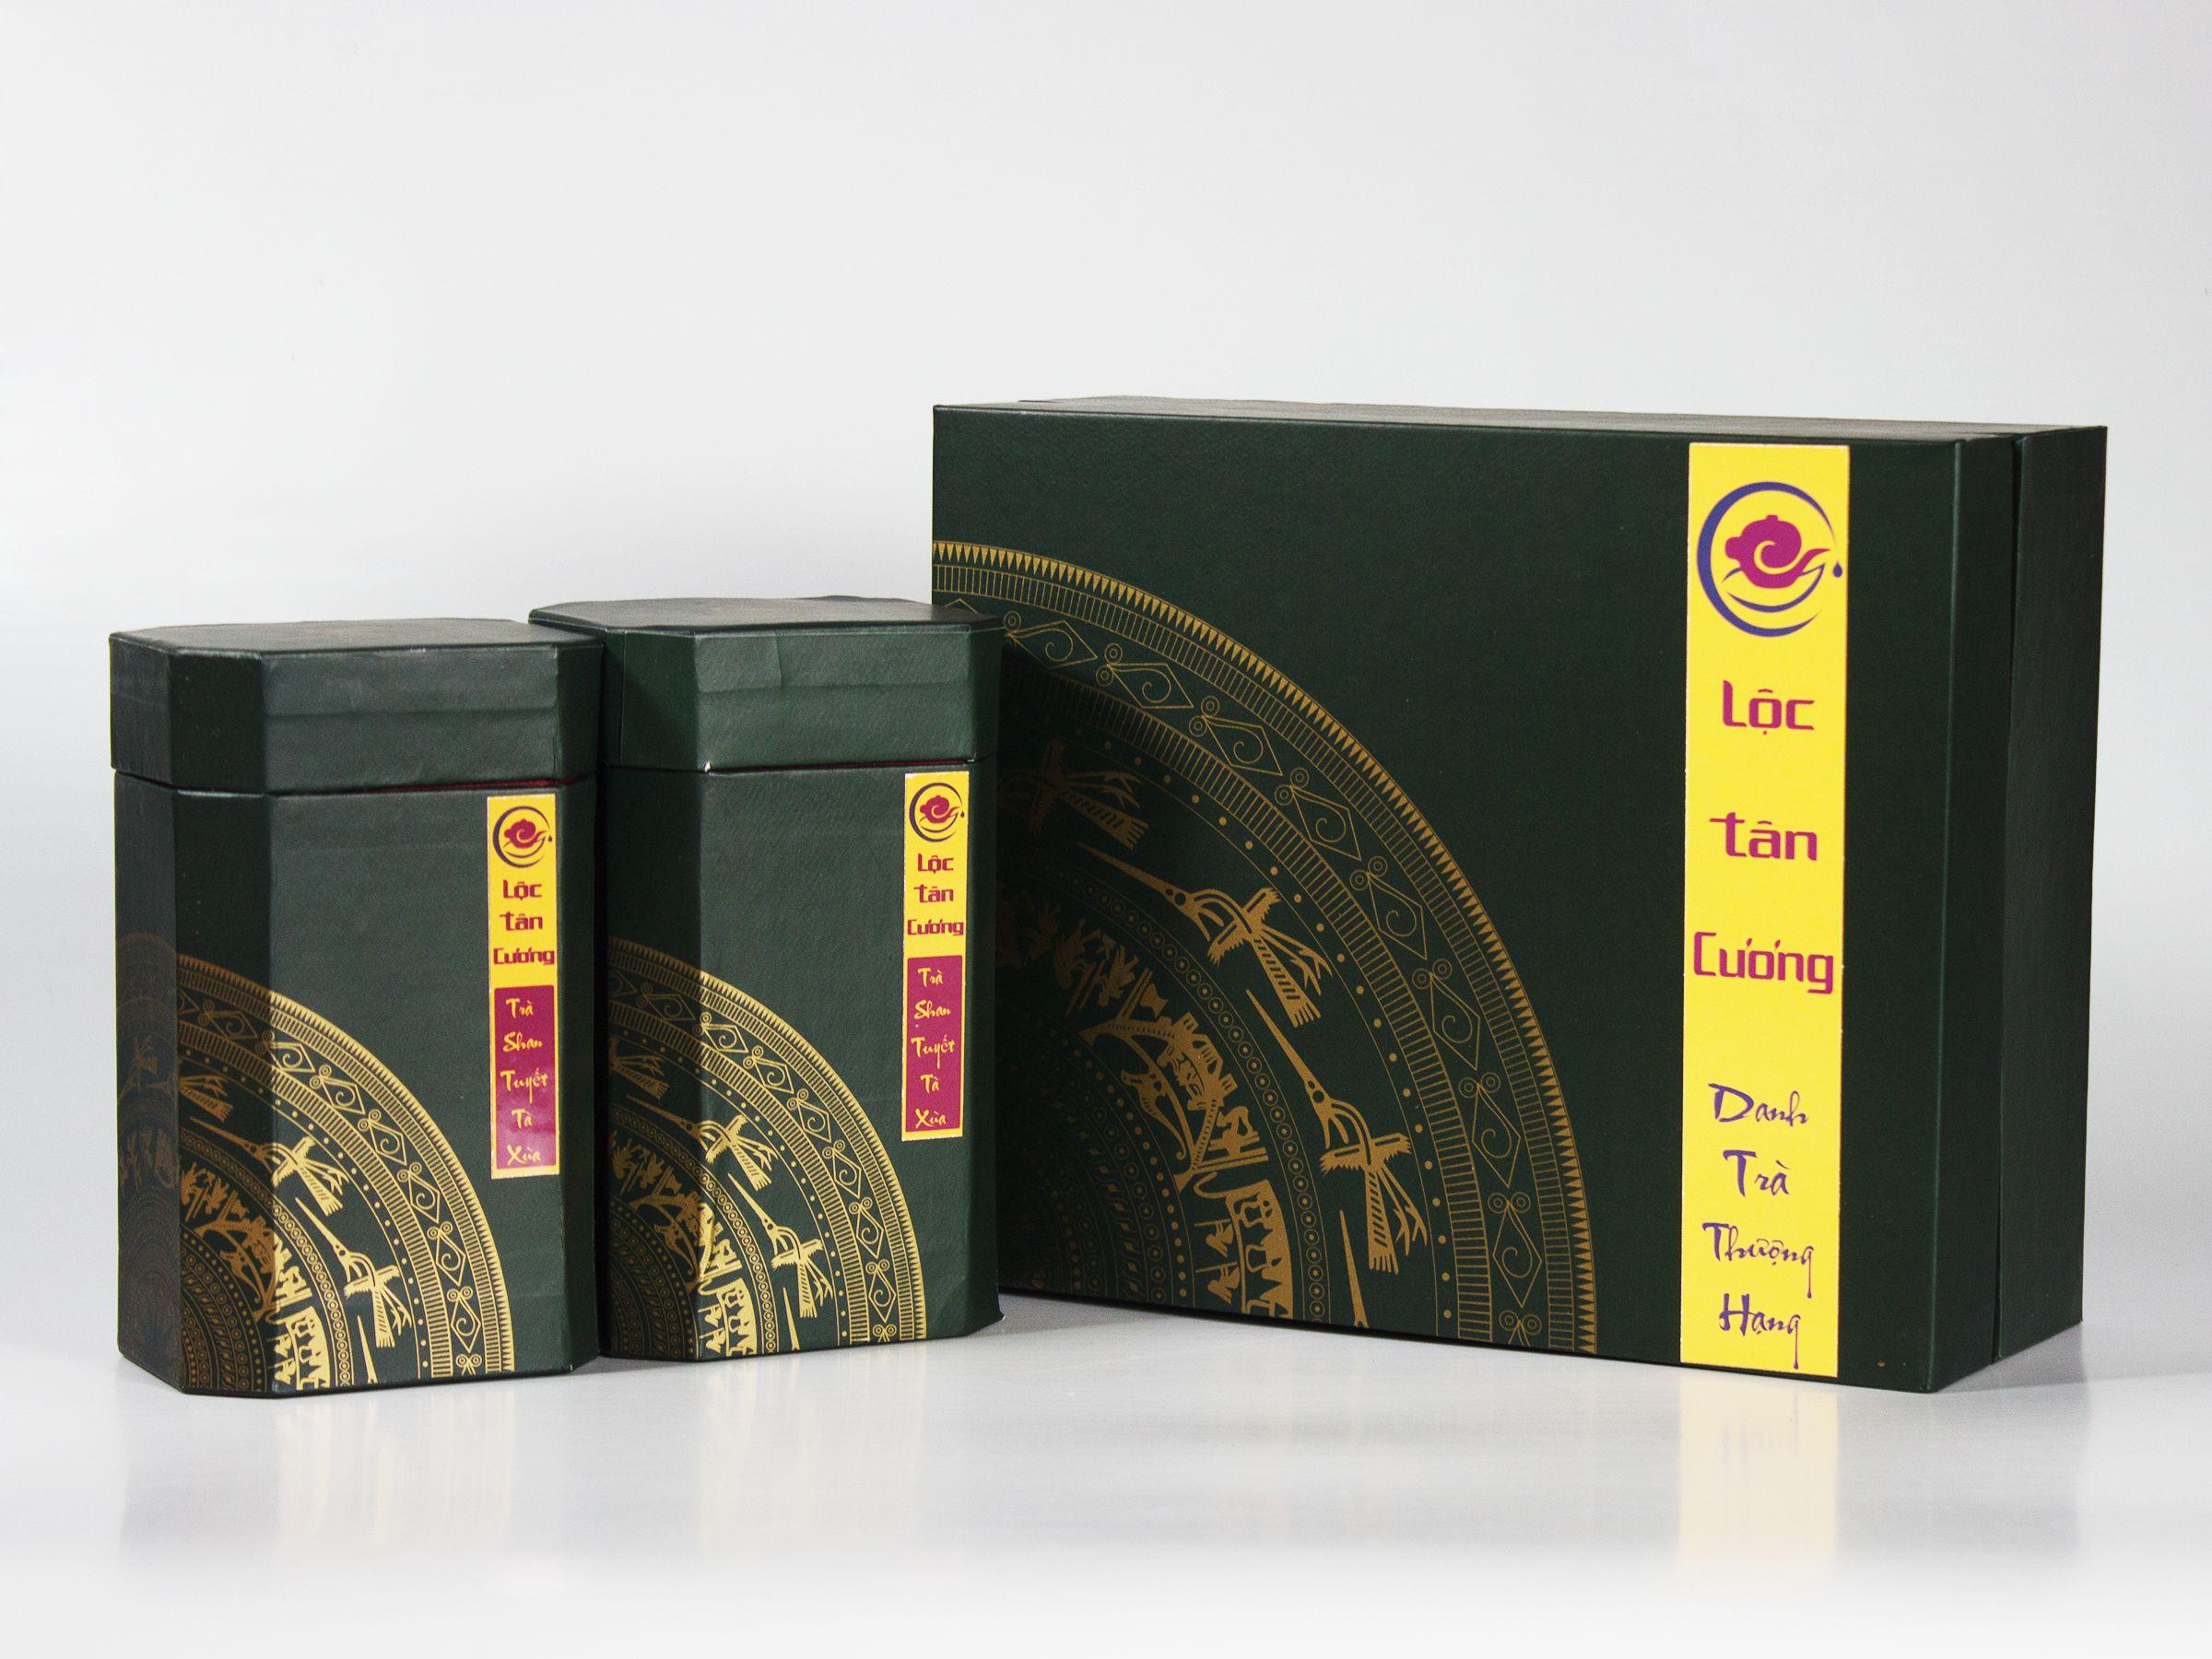 Hộp Quà Tặng Trà Shan Tuyết Cổ Thụ Tà Xùa sang trọng, mang đậm văn hóa Việt Nam ta, là món quà mang ý nghĩa về tinh thần dân tộc và sức khỏe